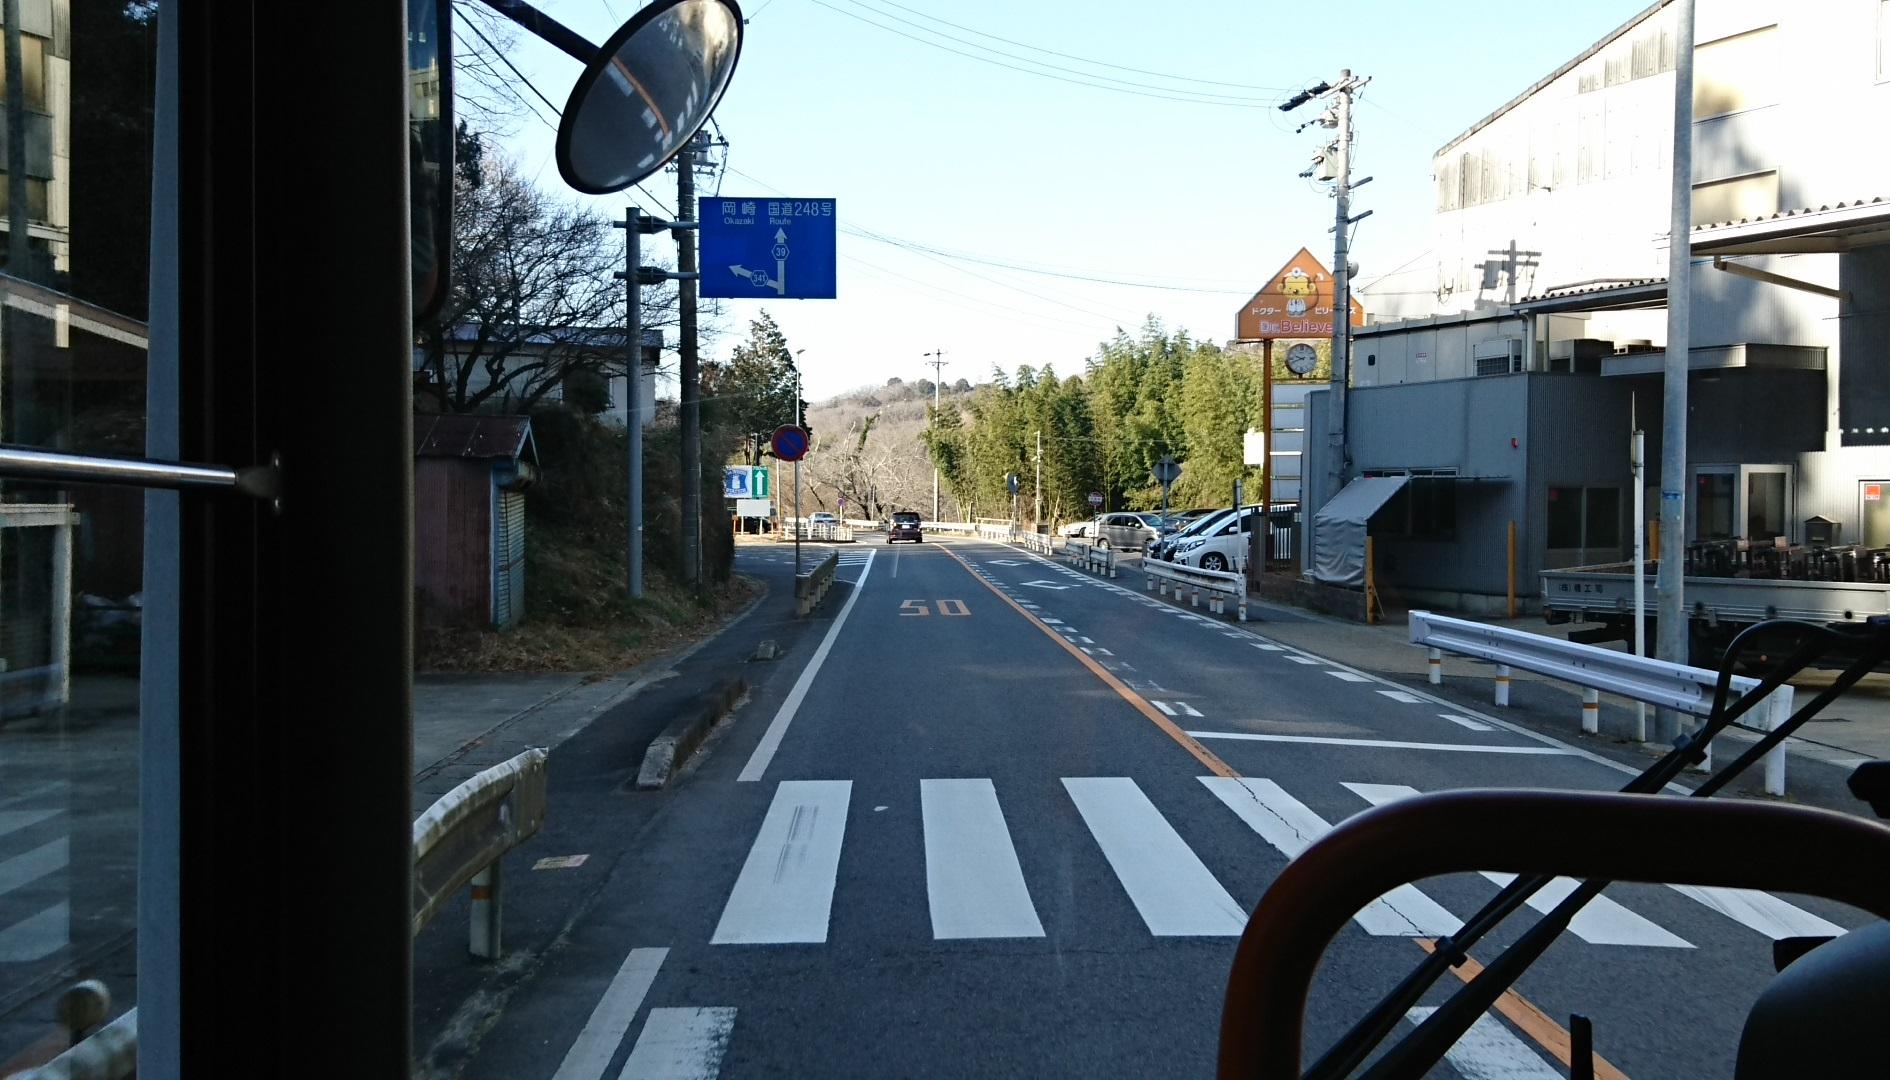 2018.2.27 (71) 中垣内いきバス - 中垣内バス停てまえ 1890-1080